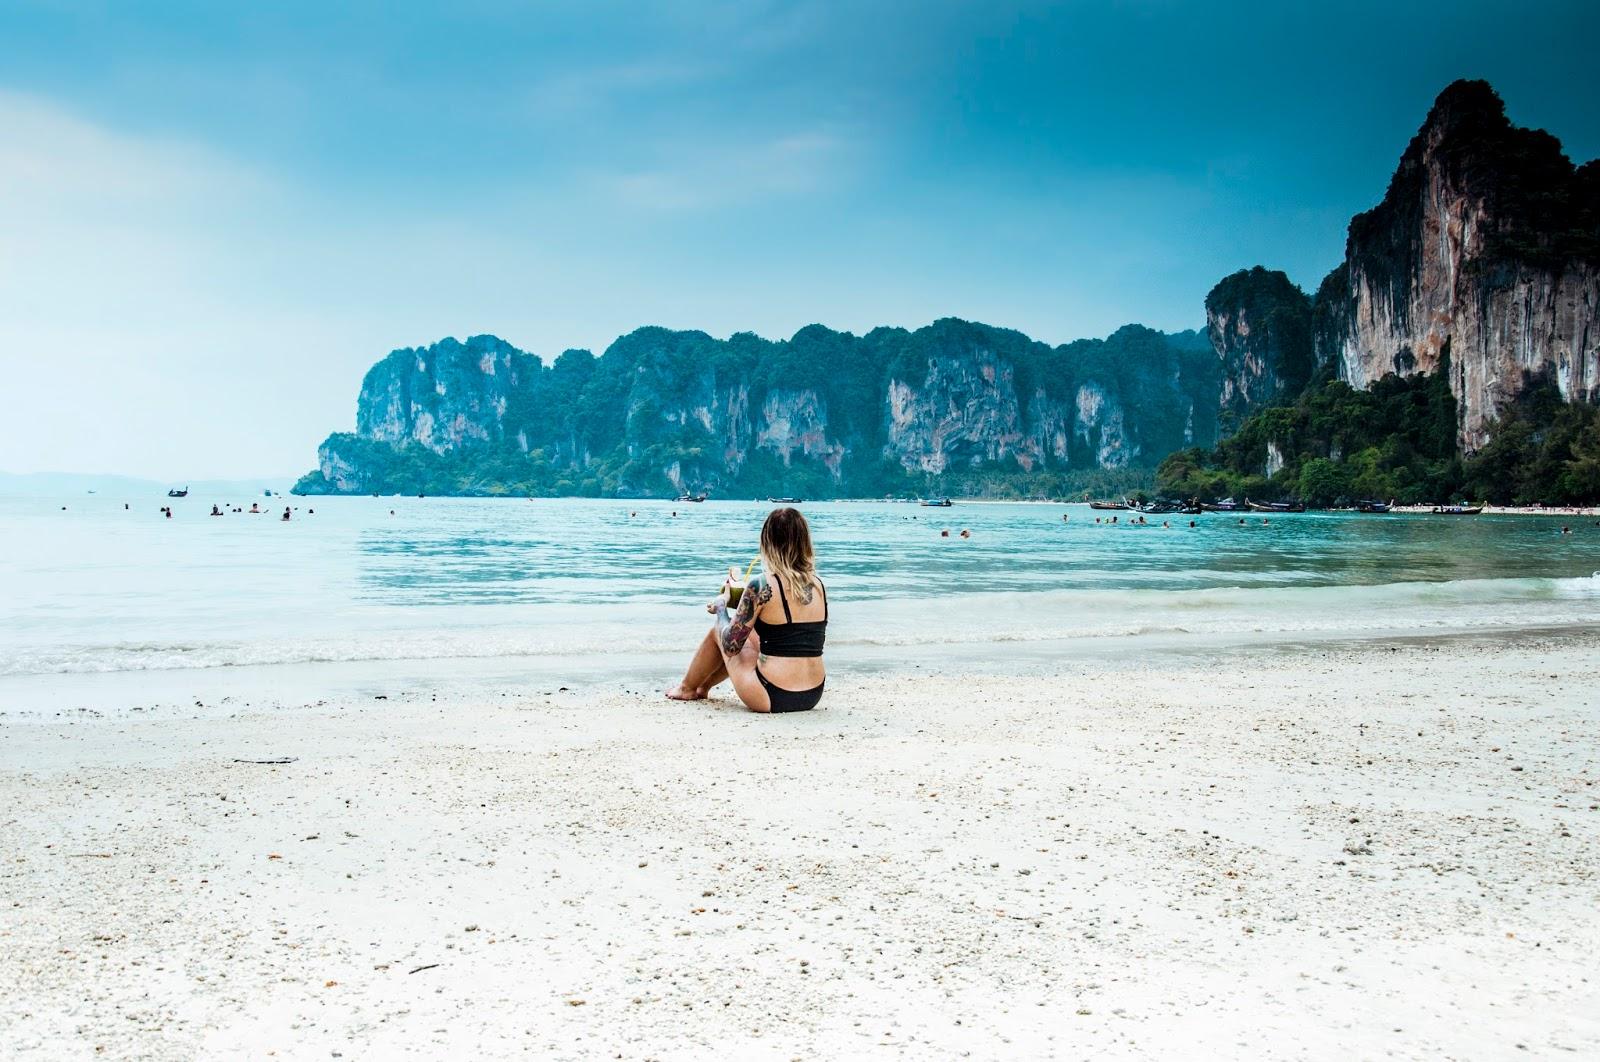 Thailand dream, czyli rajskie plaże..